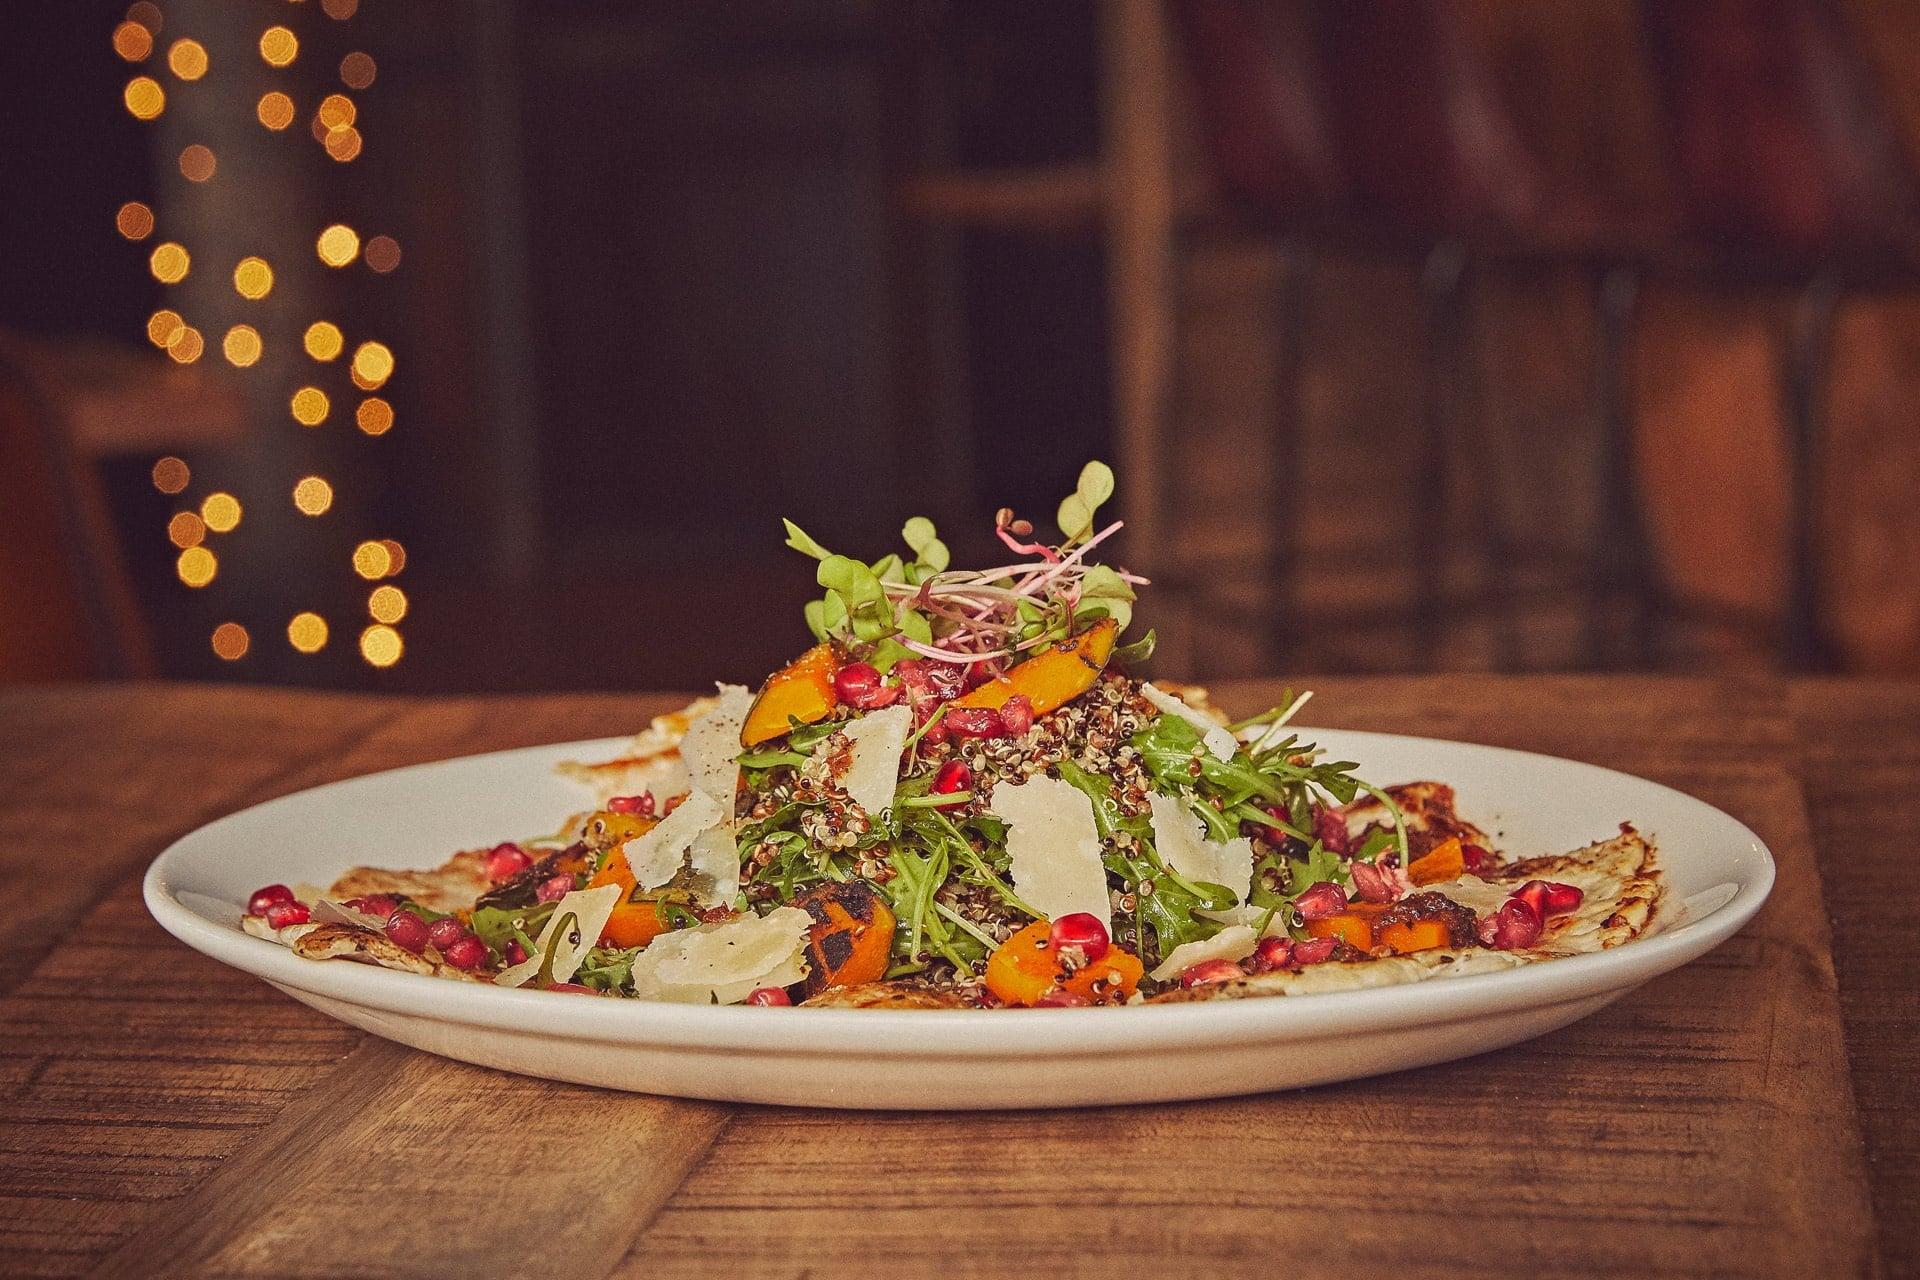 Marks Of Deptford Social Bar Kitchen healthy meal